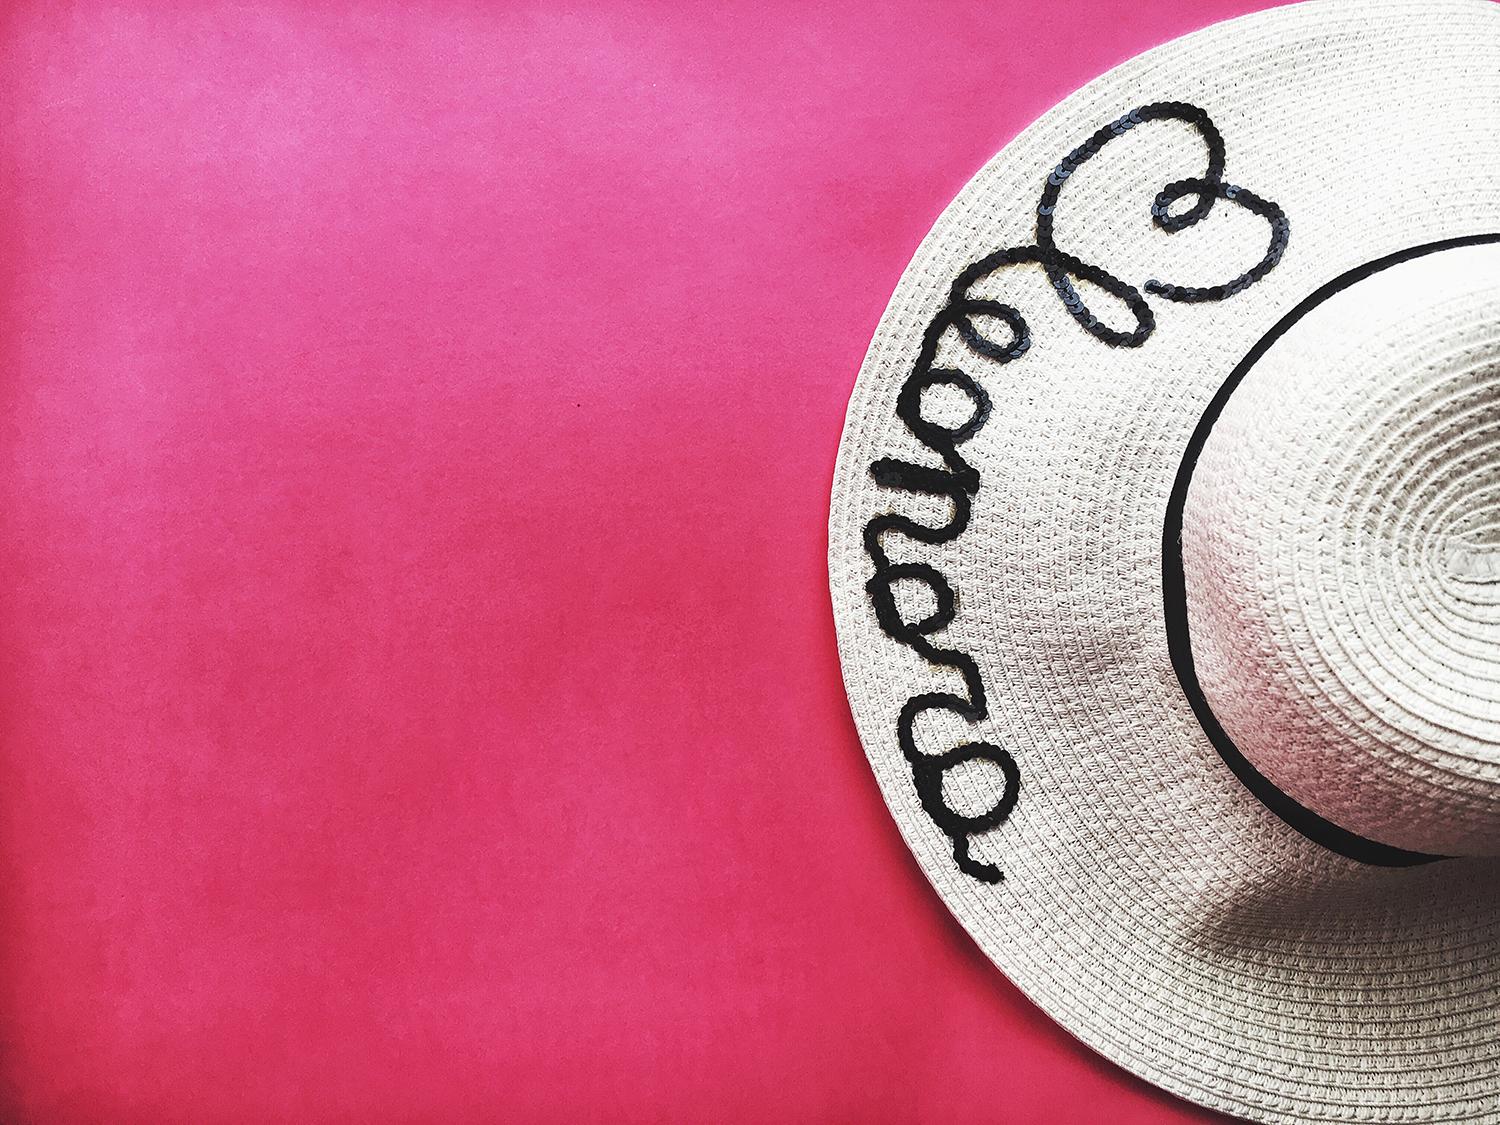 prezzo all'ingrosso costruzione razionale il più grande sconto DIY: Customized straw hat! Once Upon a Time..